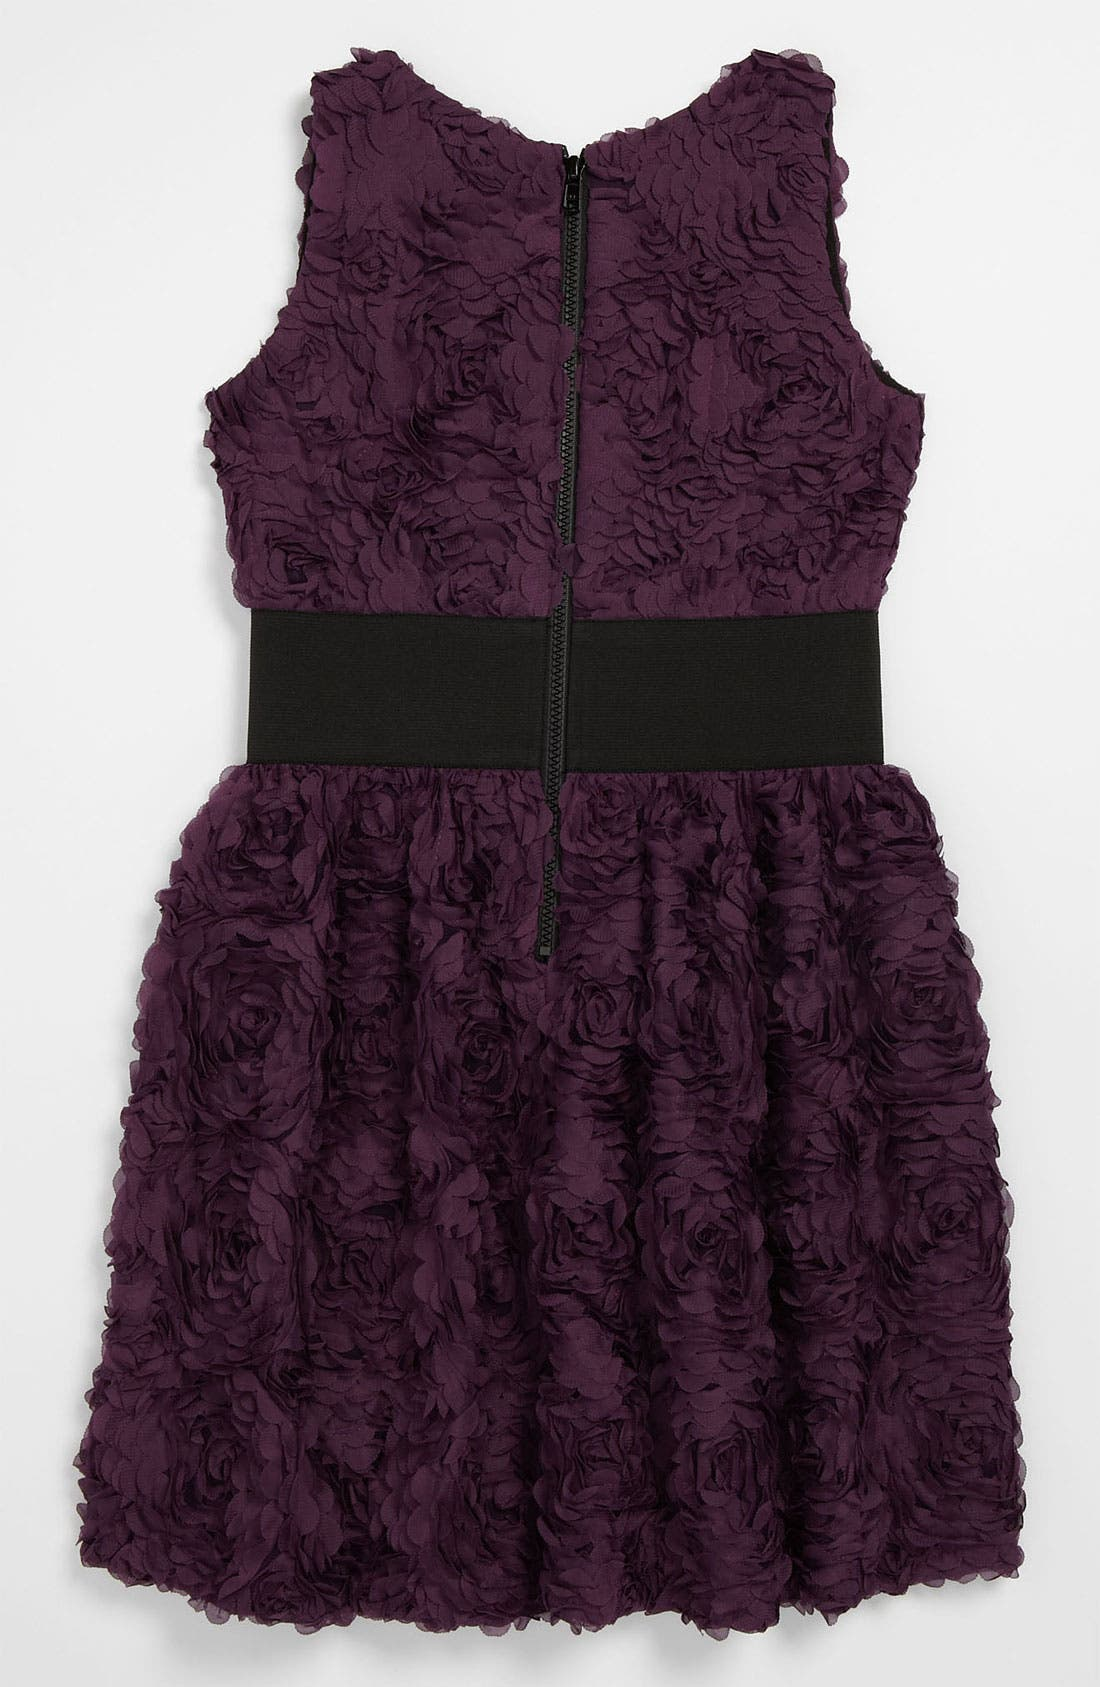 Zoe Ltd 'Roses' Dress,                             Alternate thumbnail 2, color,                             Purple